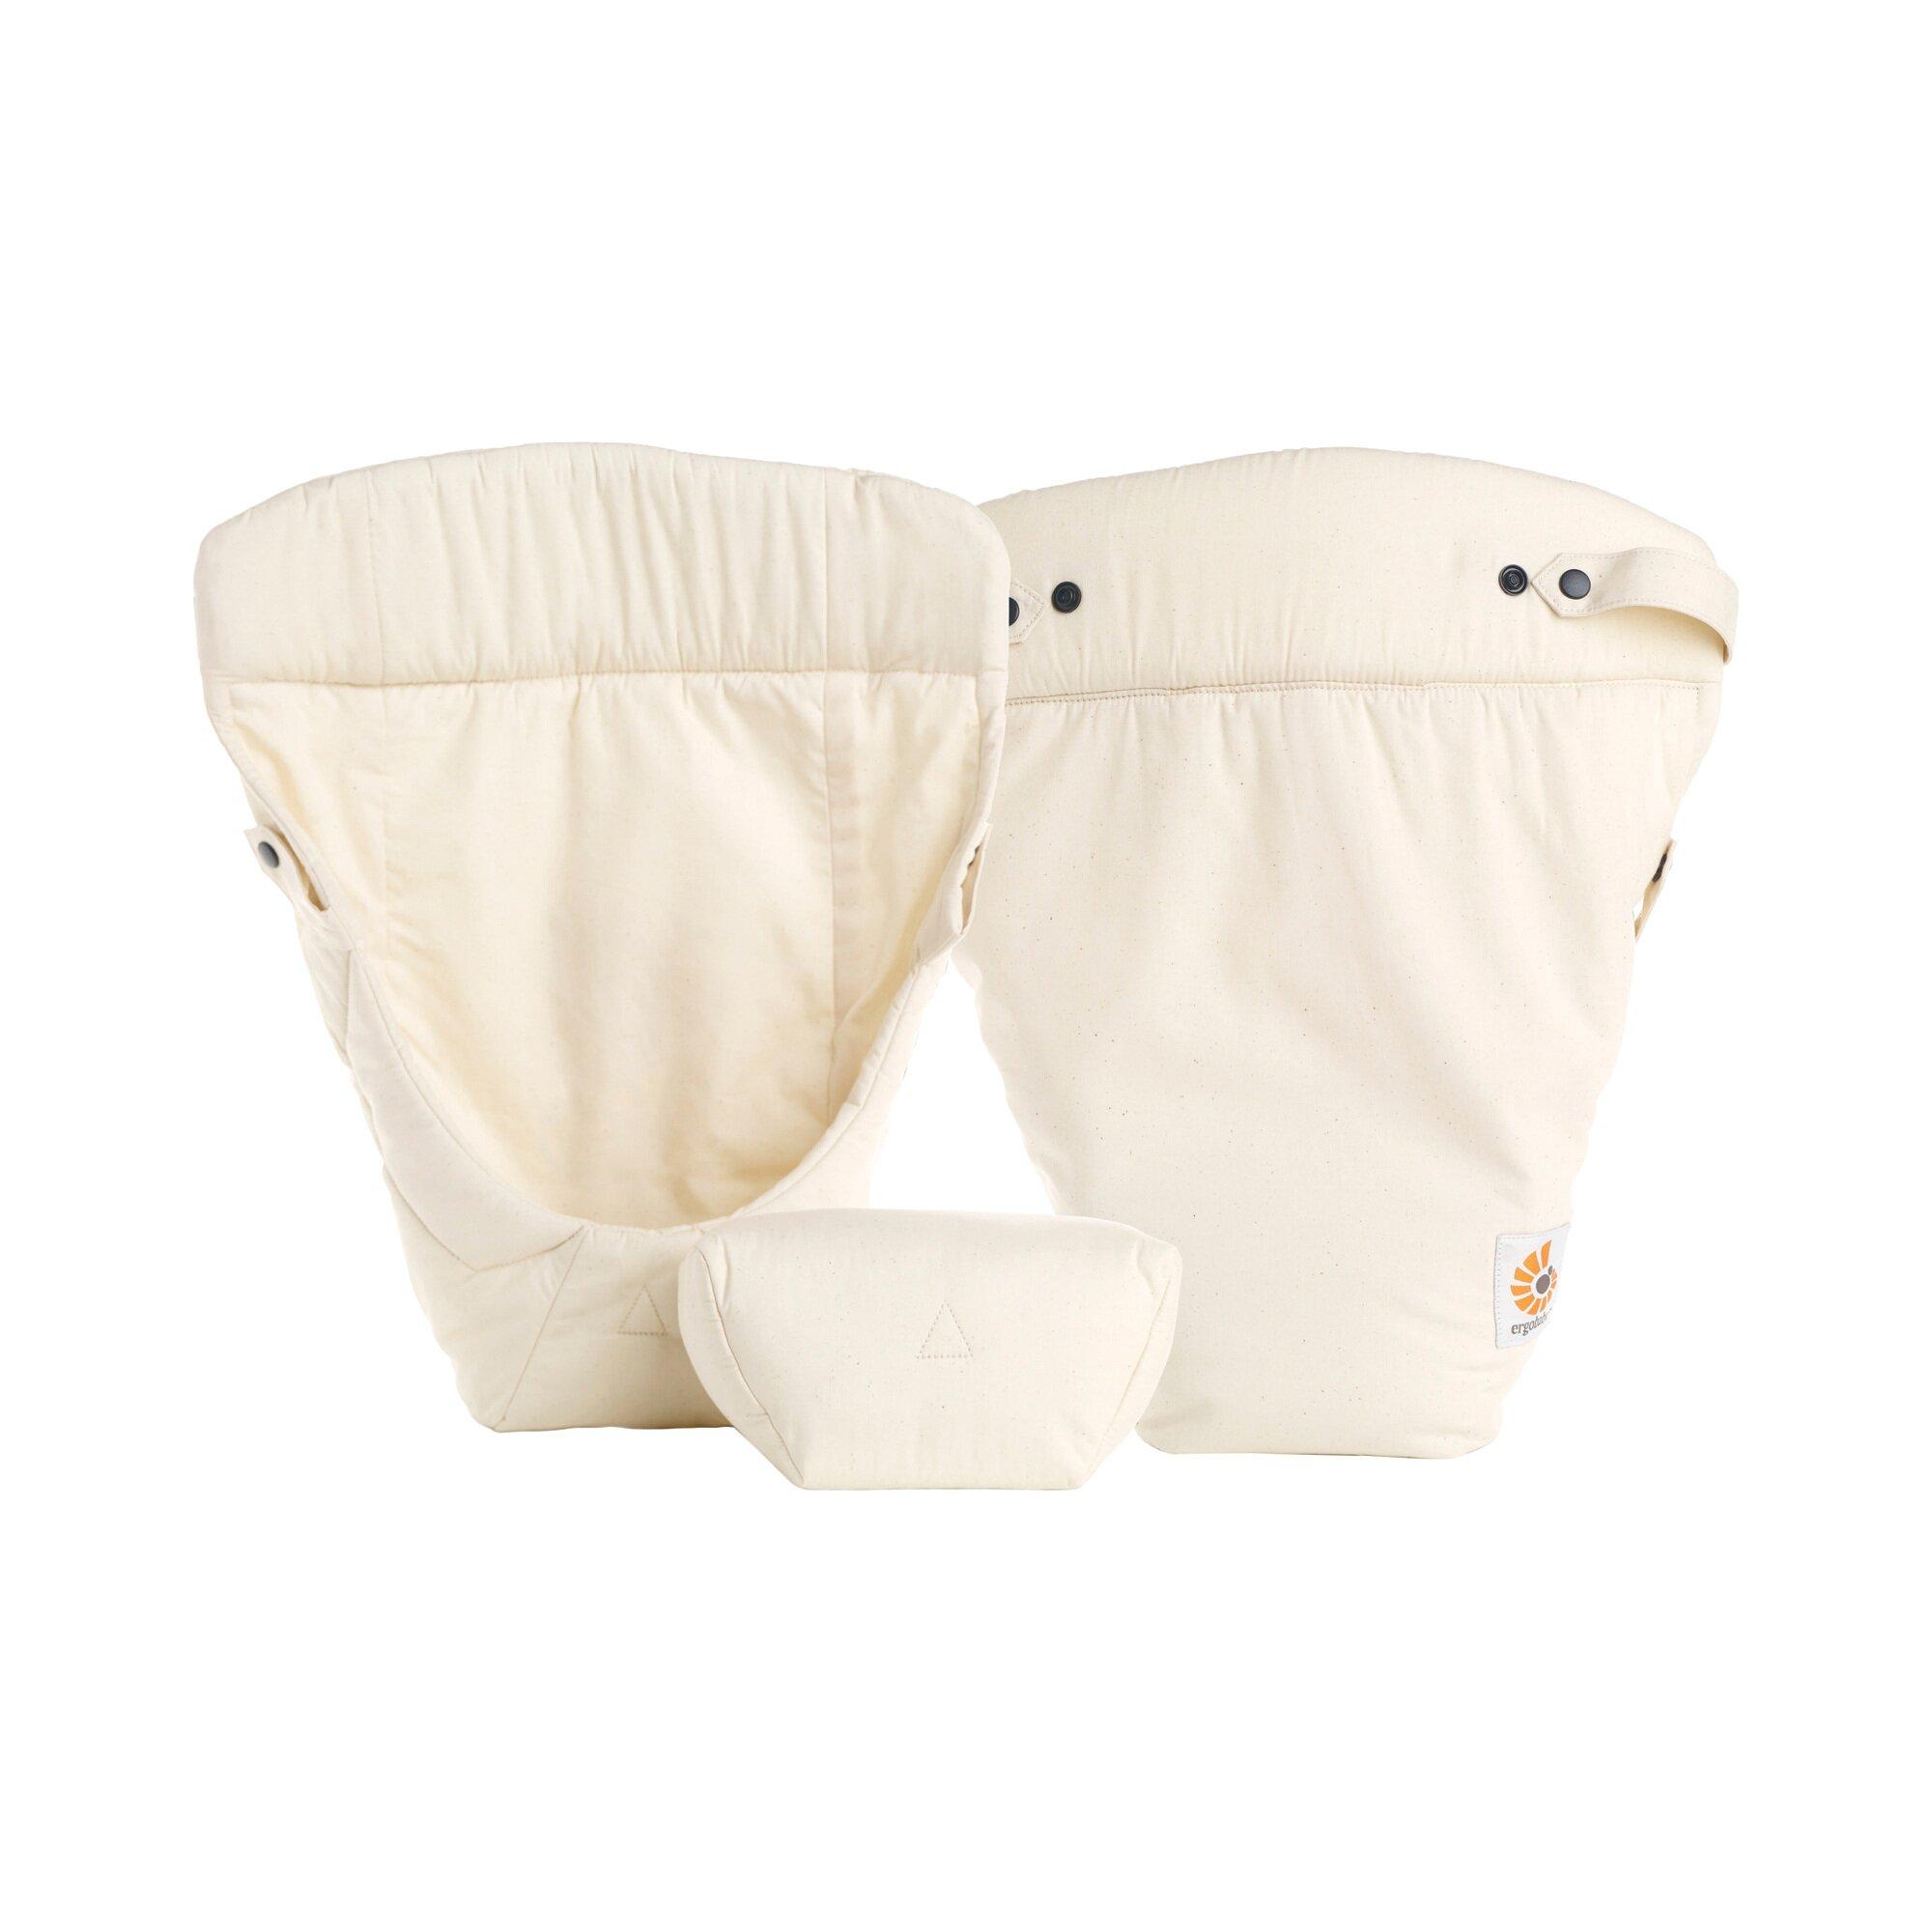 Original Neugeborenen-Einsatz Easy Snug Original für Babytrage